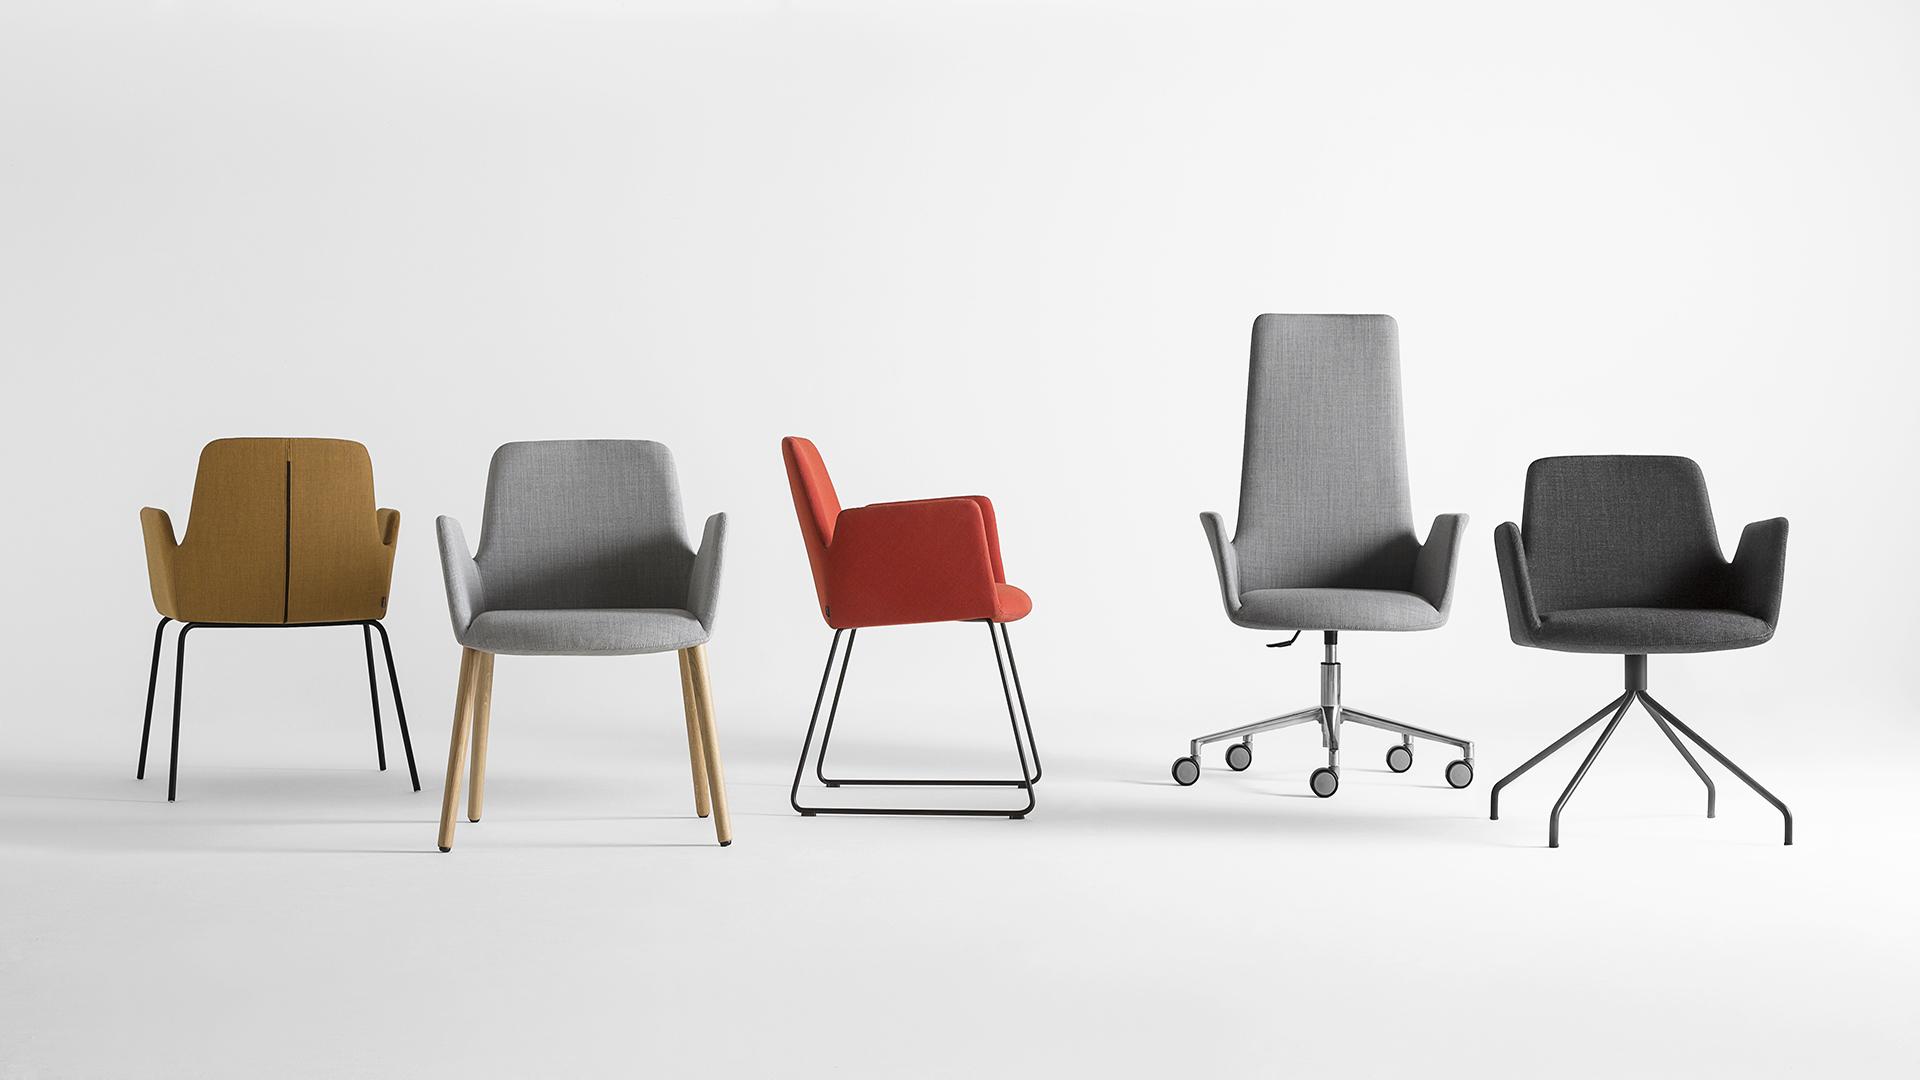 20-SILLAS GENERAL - Spacioveintiuno | Muebles de Oficina en Bilbao